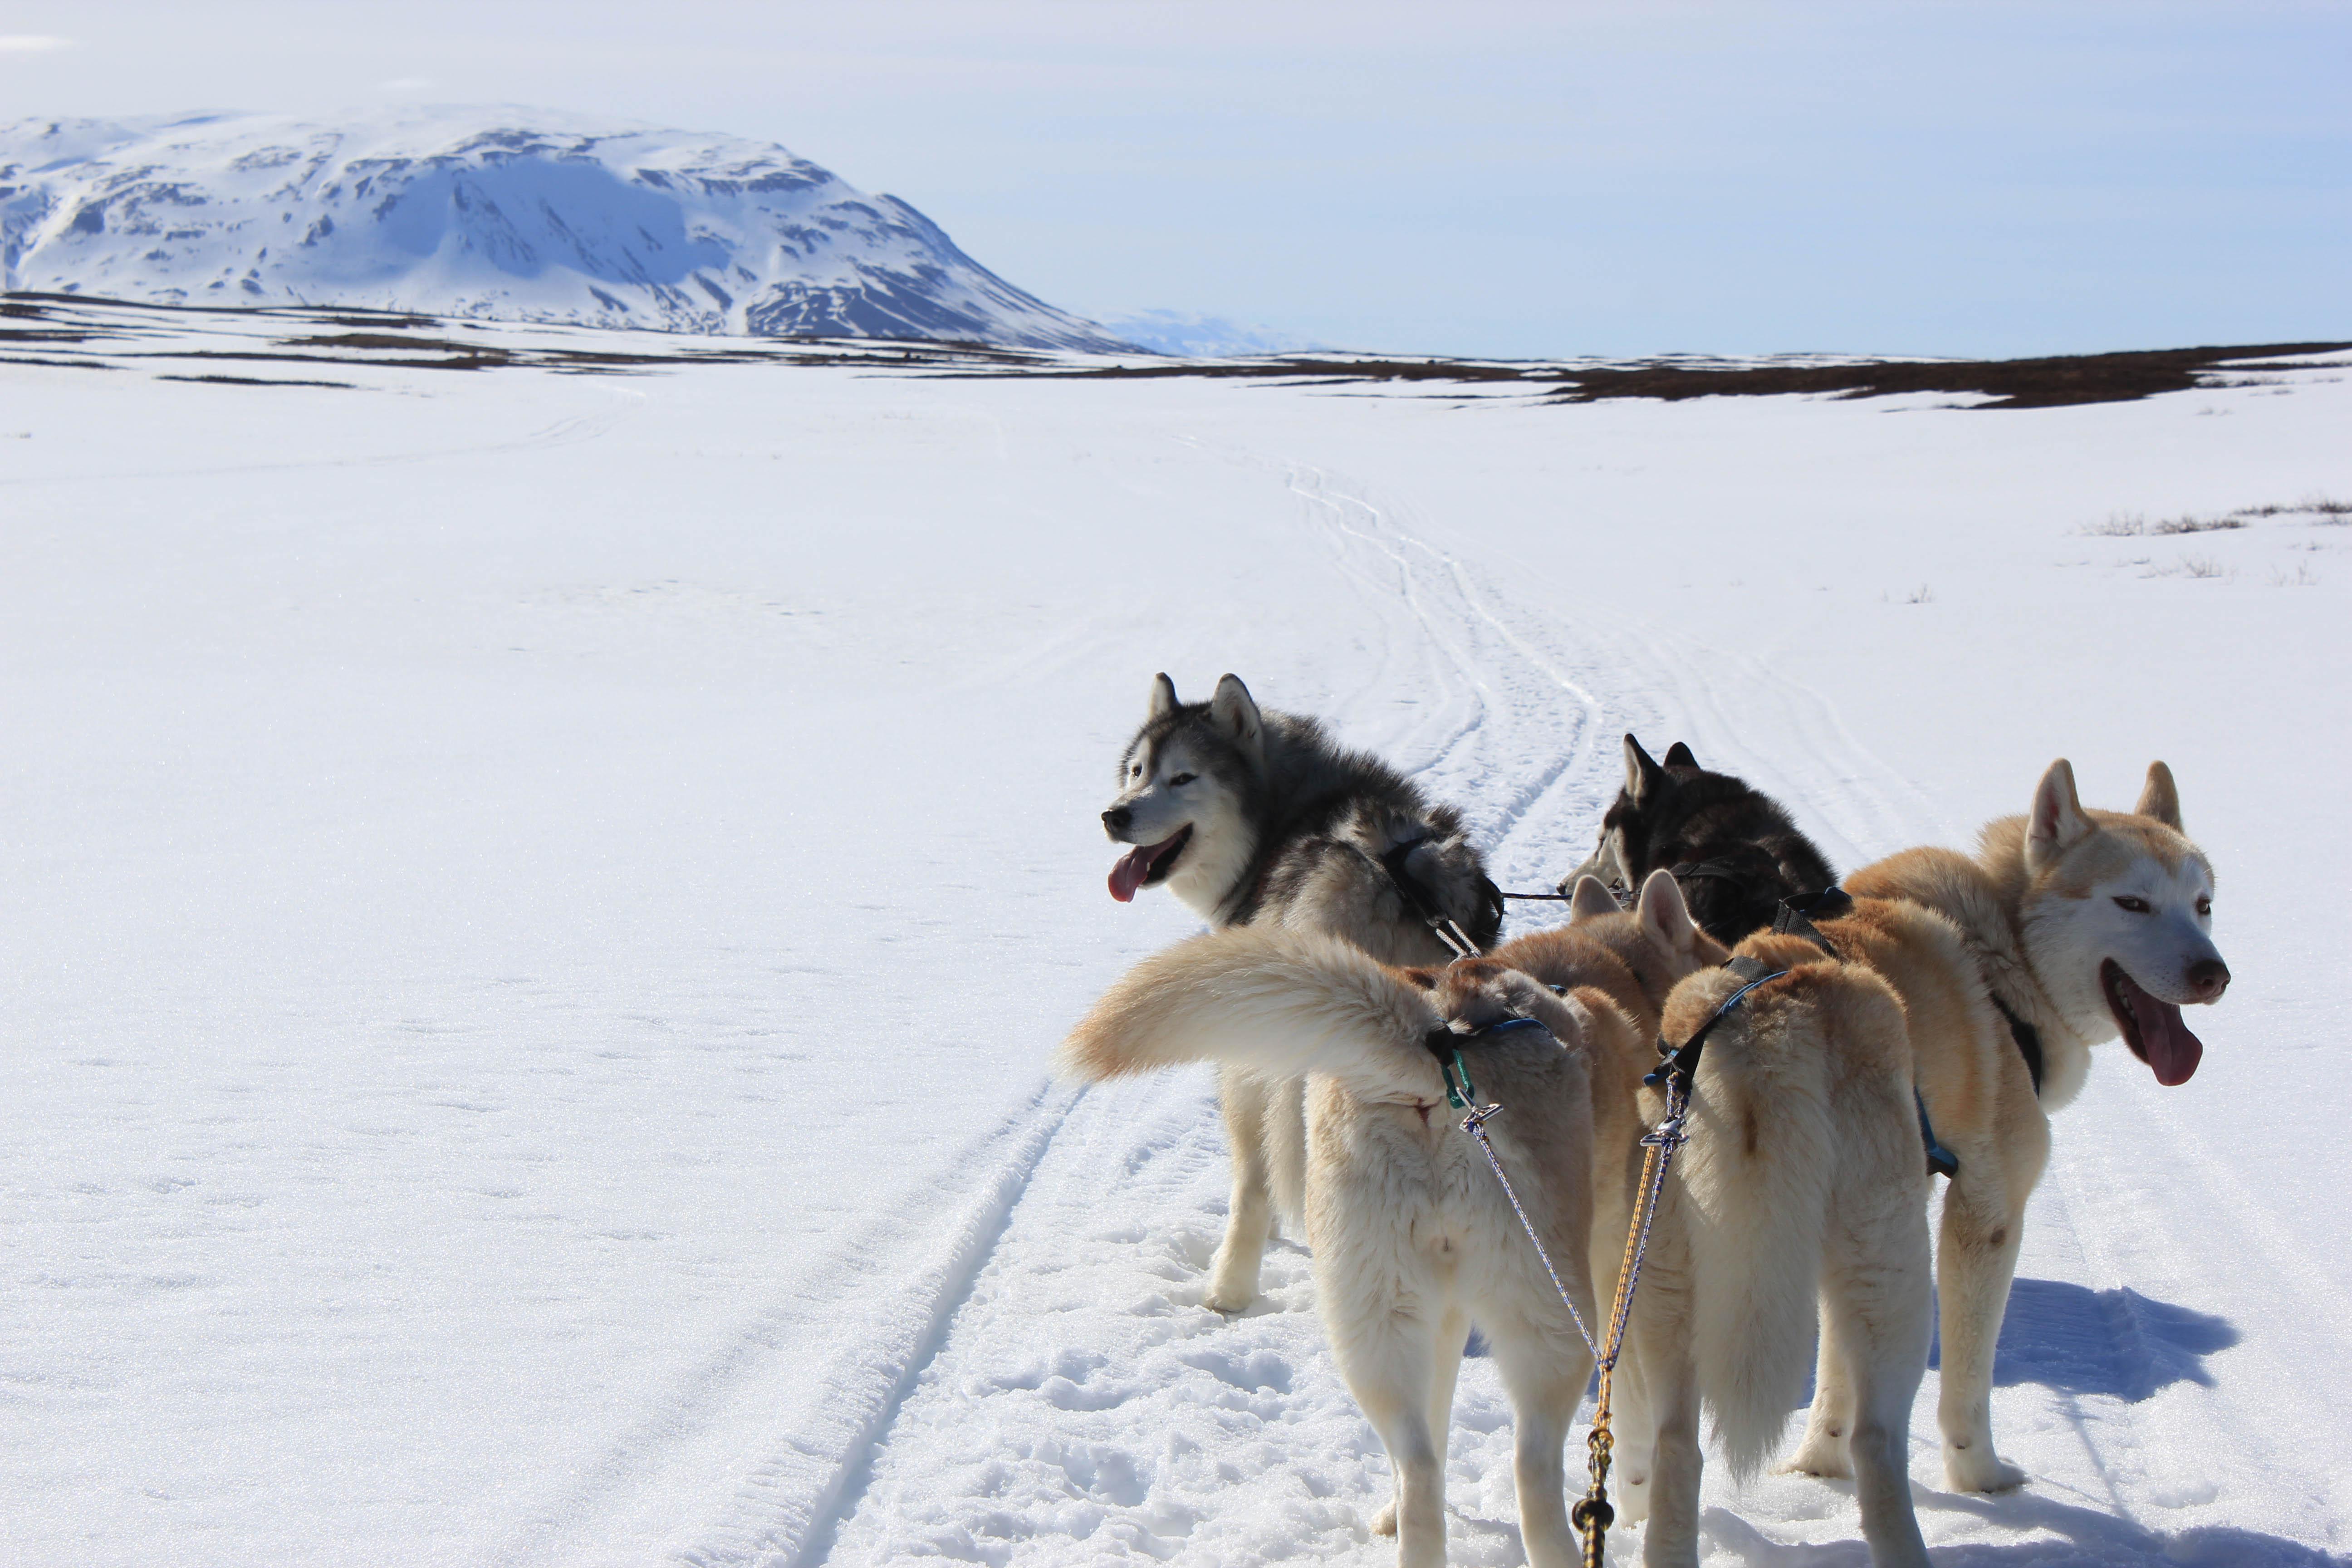 Questo tour è perfetto per chi ama gli animali, l'avventura e il fantastico scenario del paese.